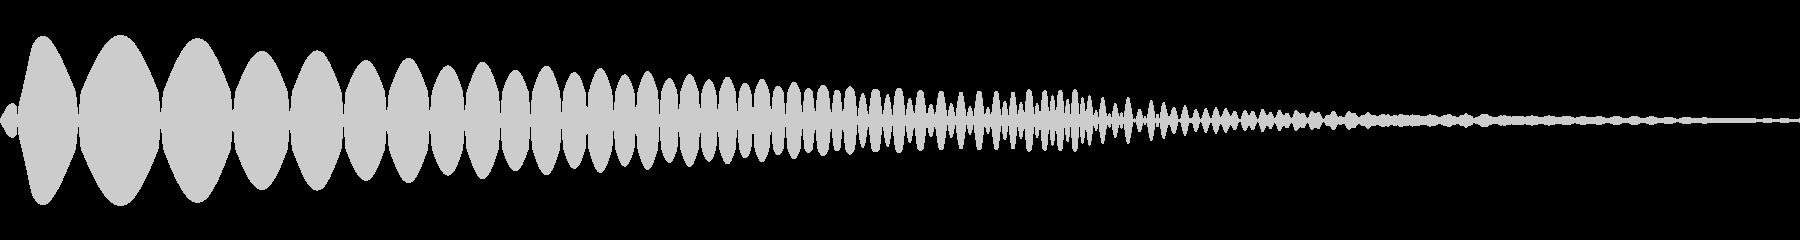 ぶにゅ、むにゅって感じのかわいい効果音の未再生の波形